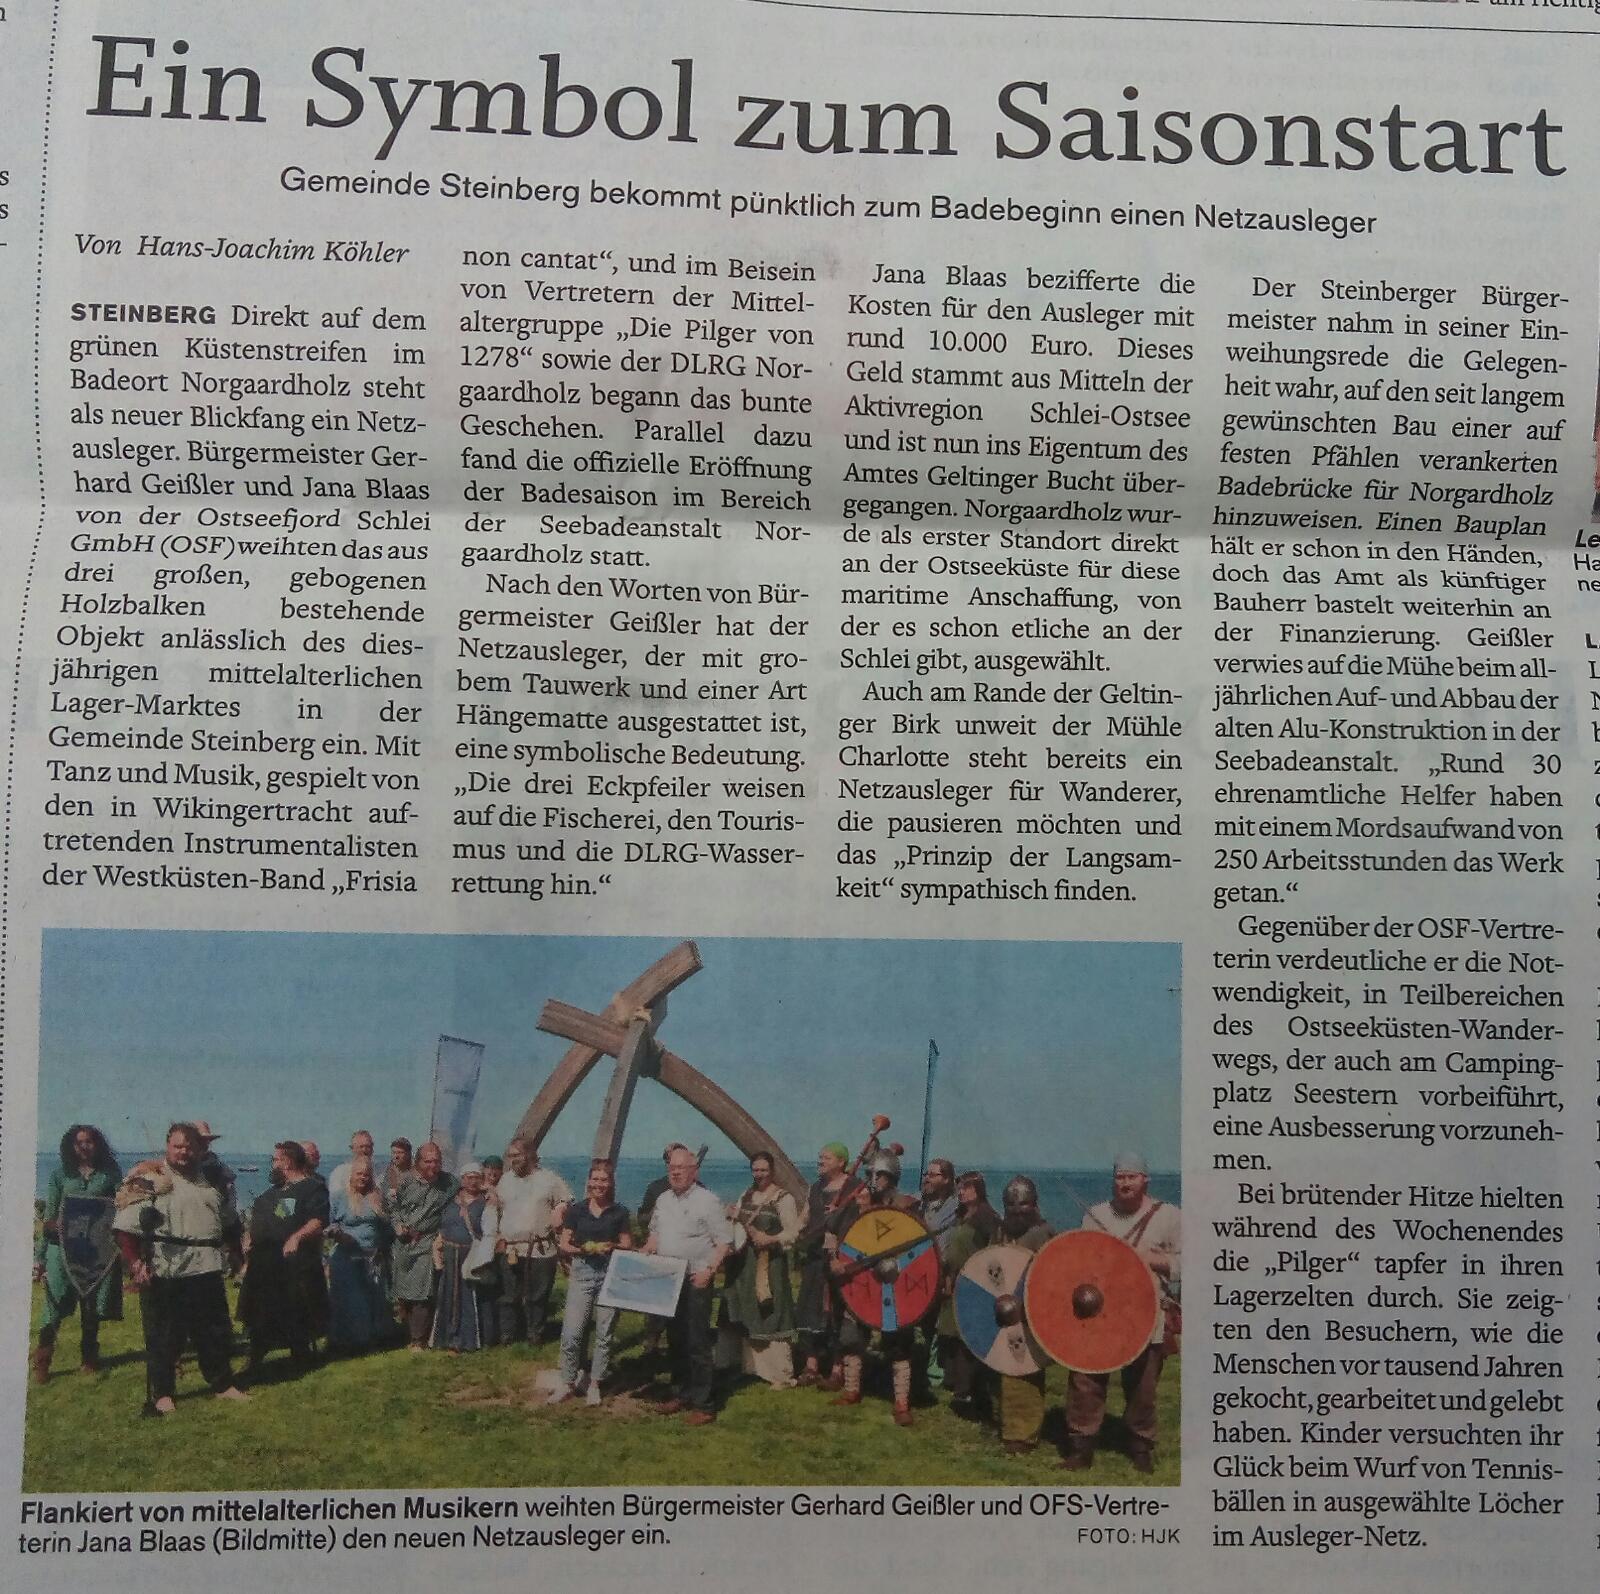 Der '8. kleiner Mittelaltermarkt in Norgaardholz' in der 'Flensburger Tageblatt' vom 01. Juli 2019